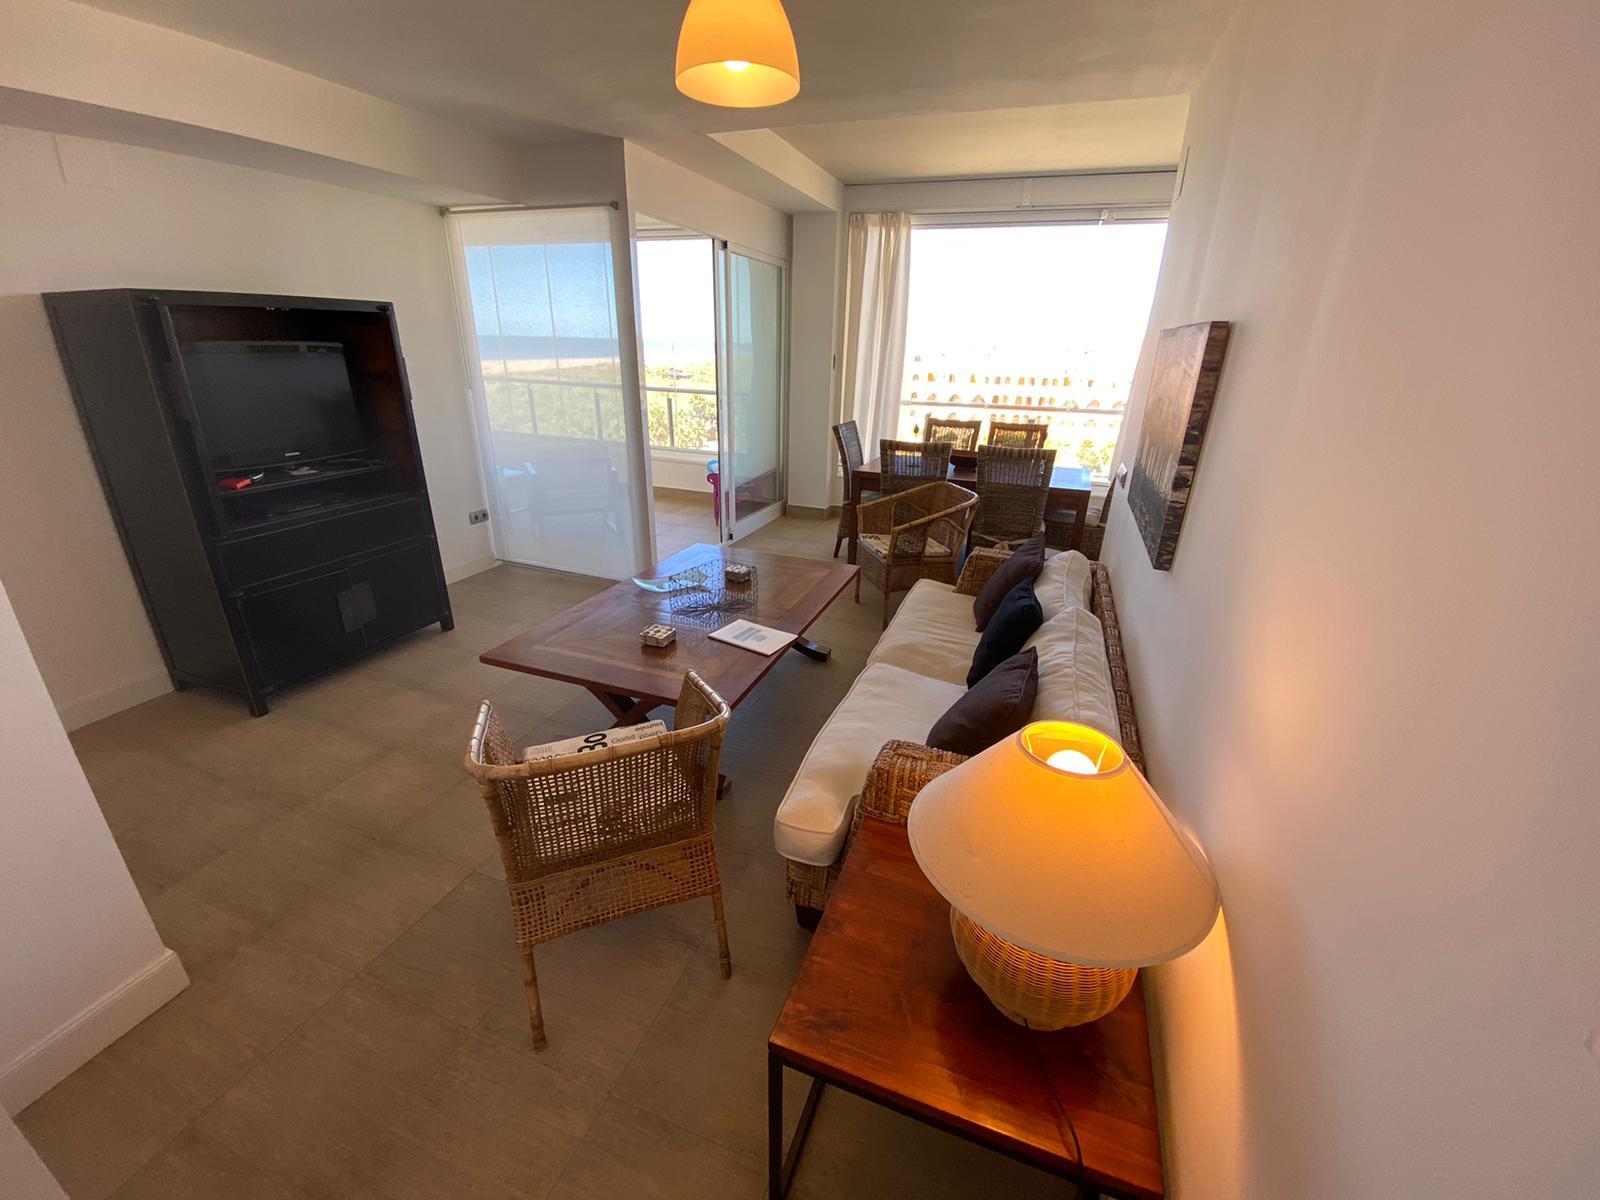 Imagen 9 del Apartamento Turístico, Ático 1 Poniente (3d+2b), Punta del Moral (HUELVA), Paseo de la Cruz nº22